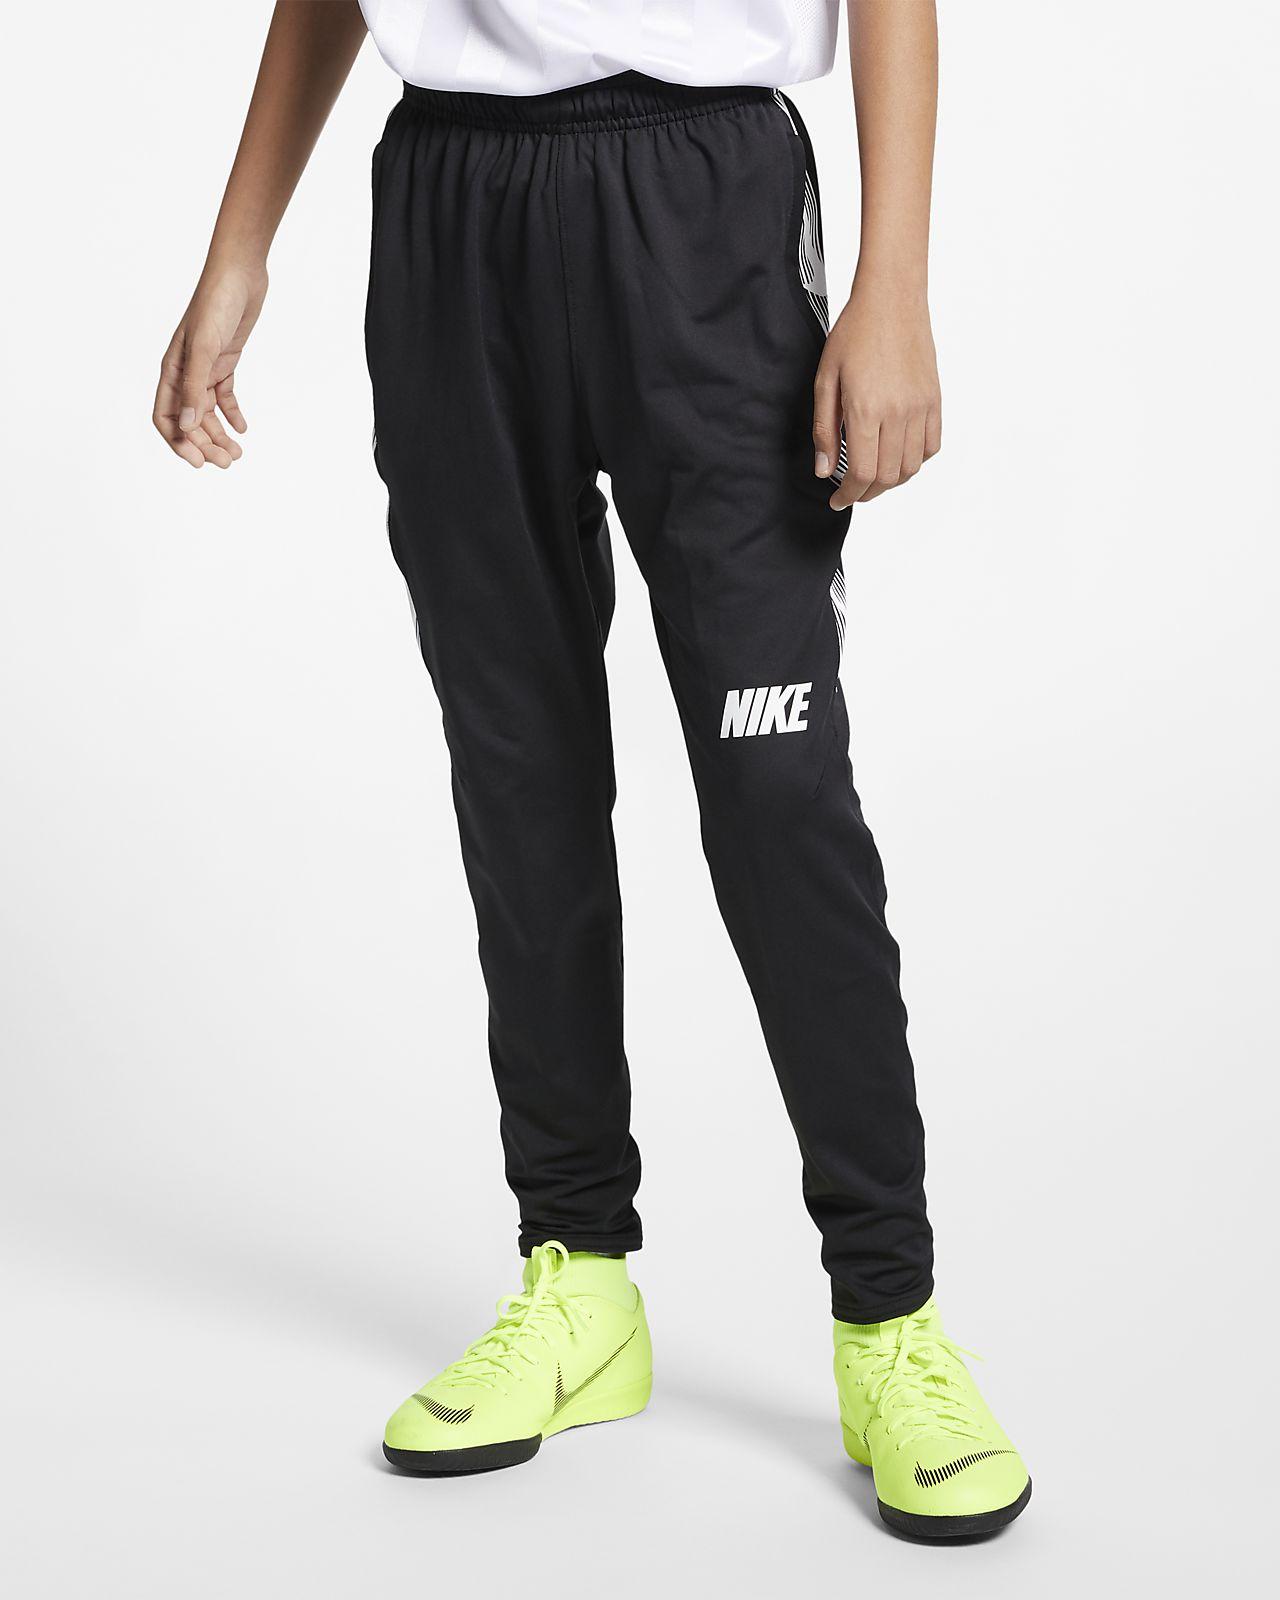 Pantaloni da calcio Nike Dri-FIT Squad - Ragazzi